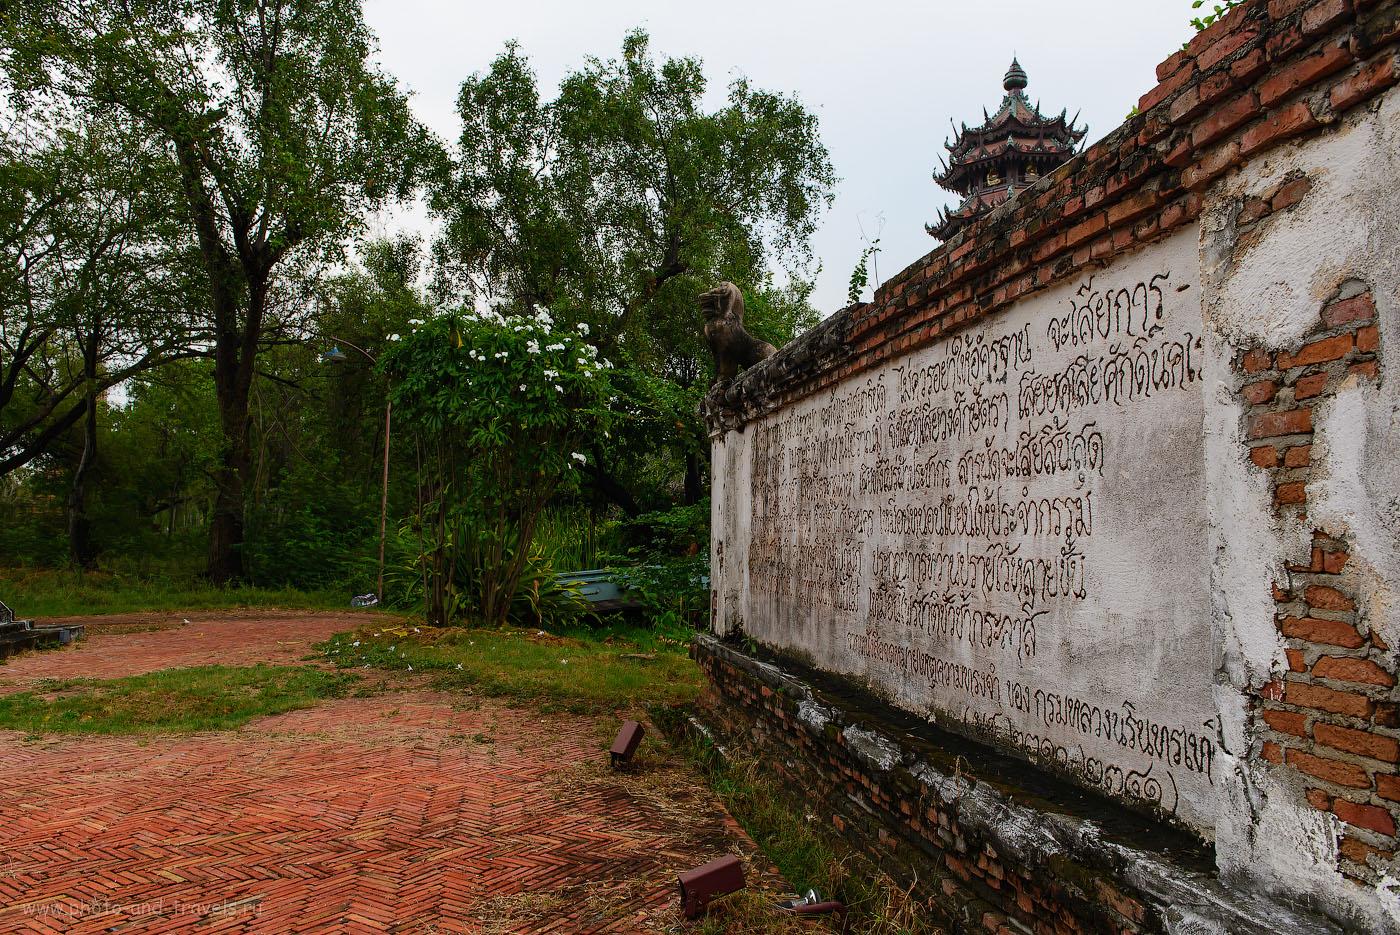 Фото 3. Таиланд. Рассказ про достопримечательности Бангкока. Древние стены в парке Муанг Боран (250, 26, 10.0, 1/100)